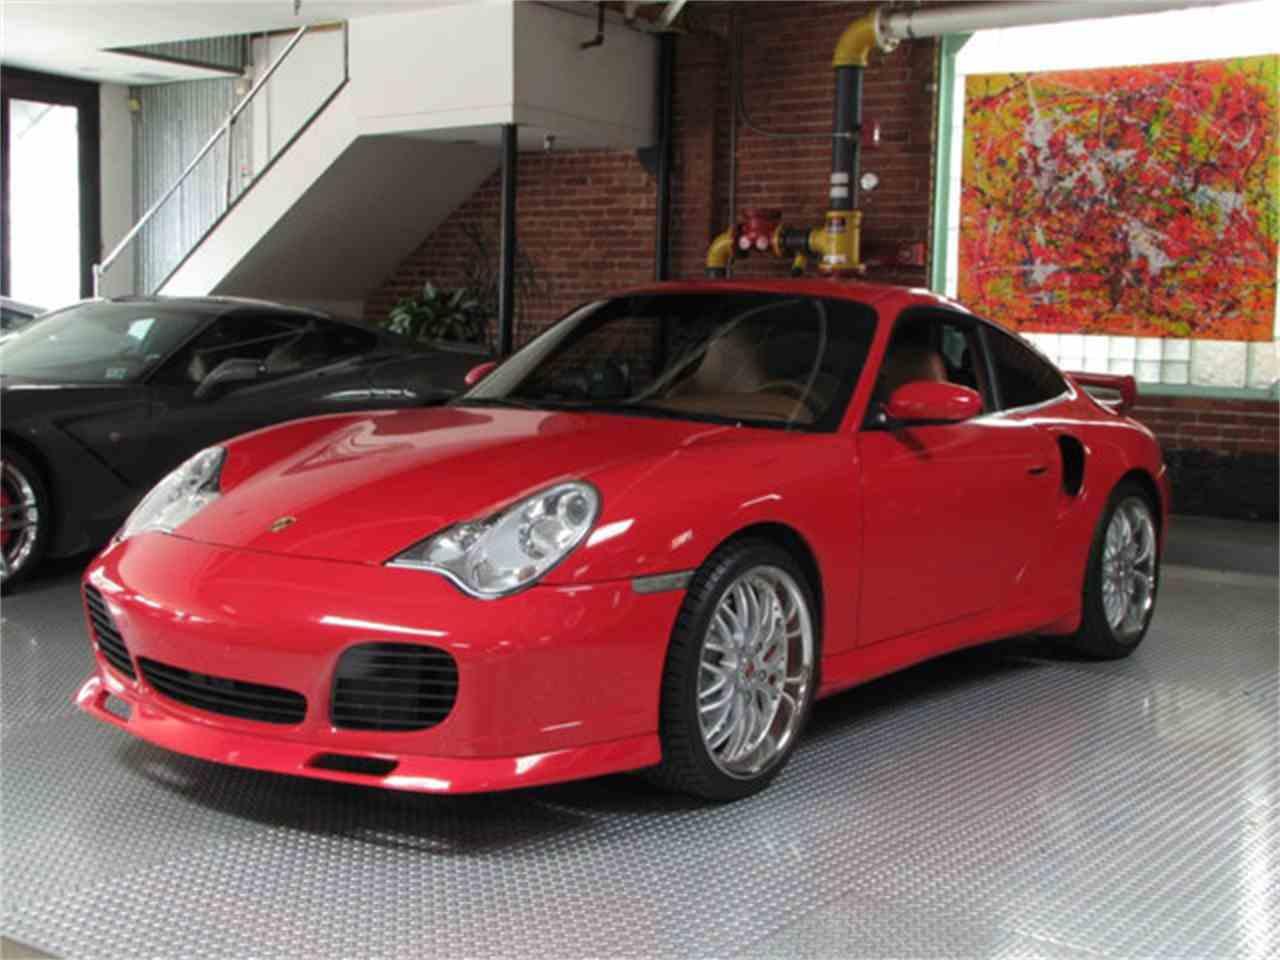 2003 Porsche 911 Carrera for Sale - CC-1021002